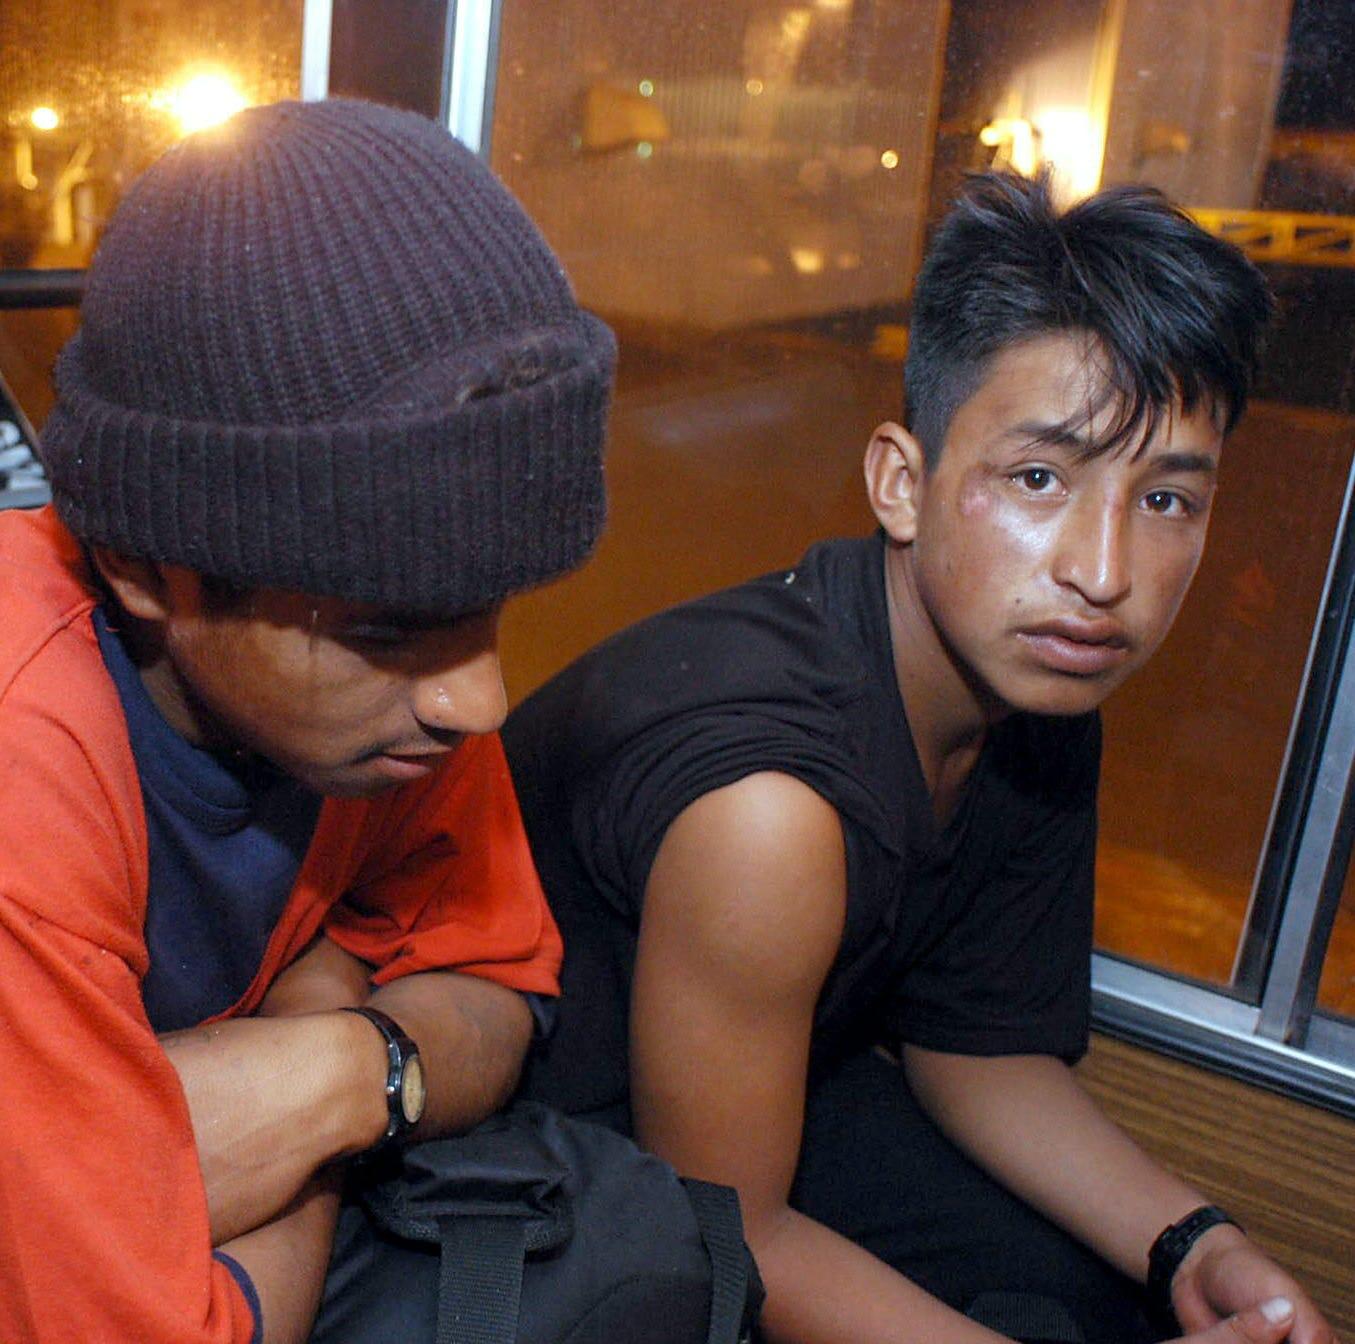 Más de 2,000 inmigrantes aislados por enfermedades en centros de detención